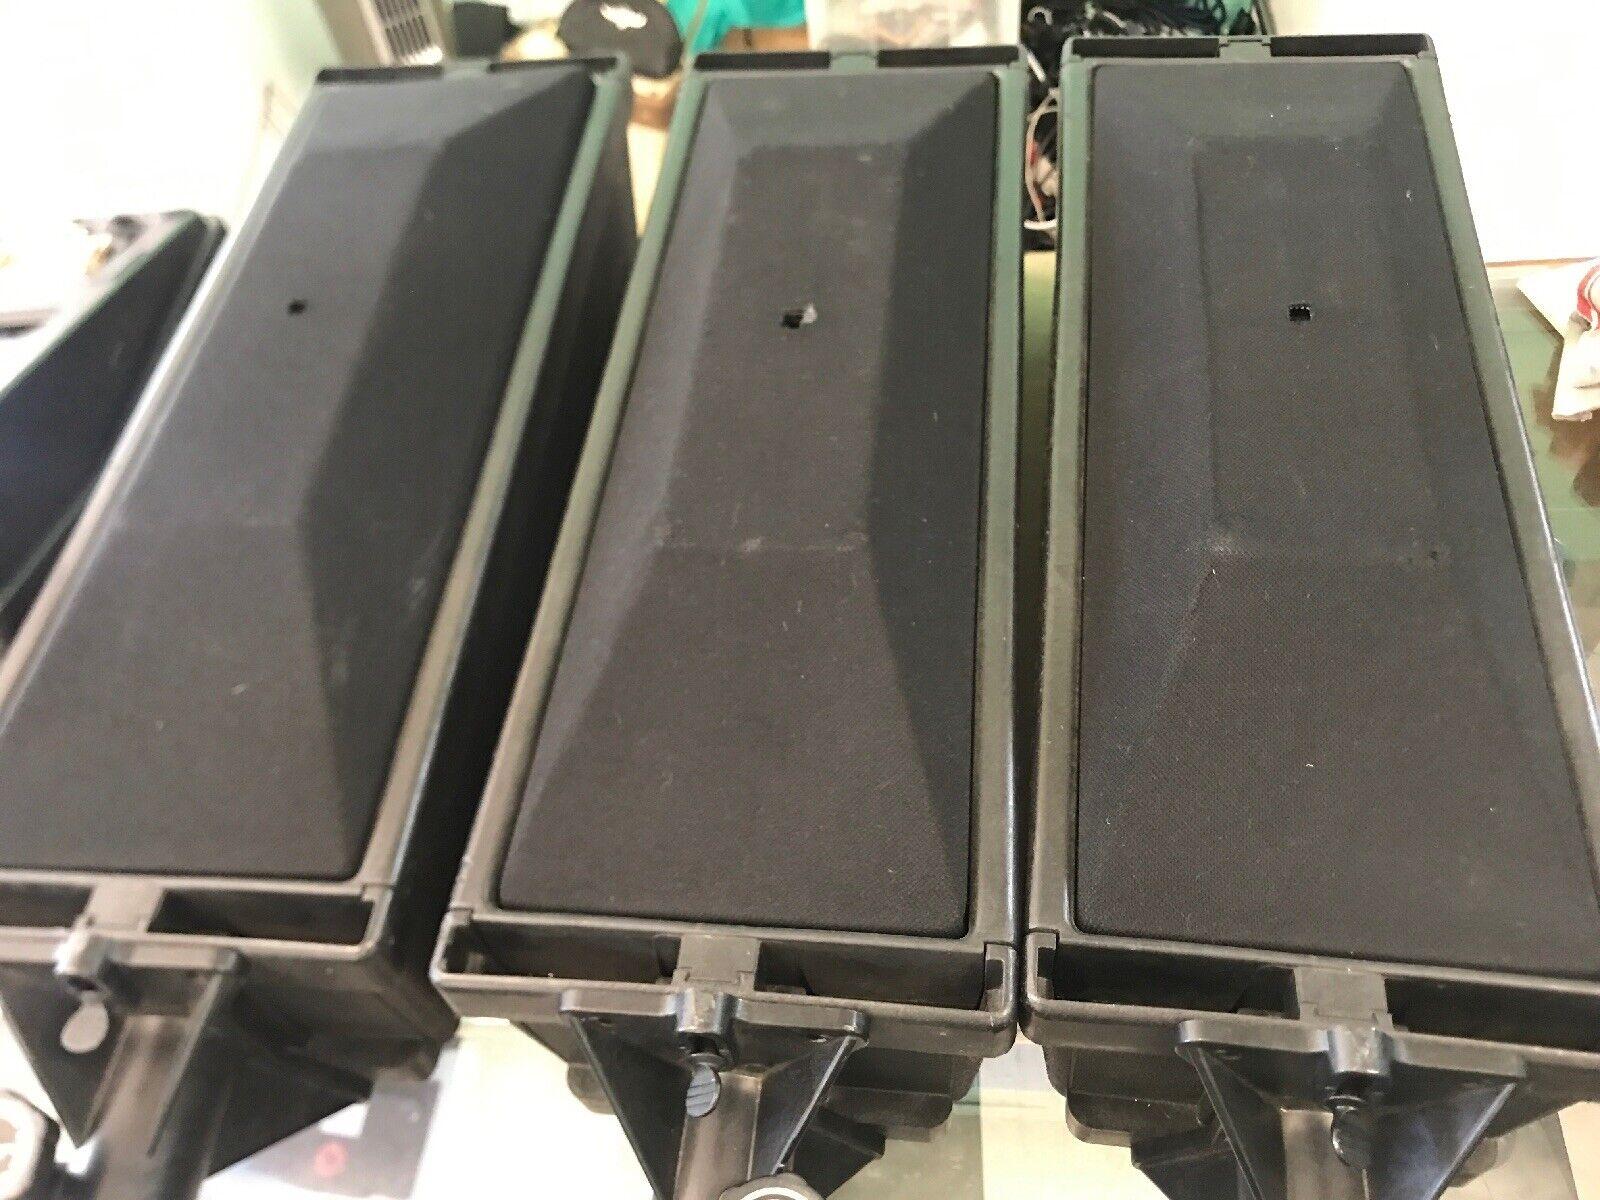 3  Vintage Bose 402 speakers Professional Loudspeakers